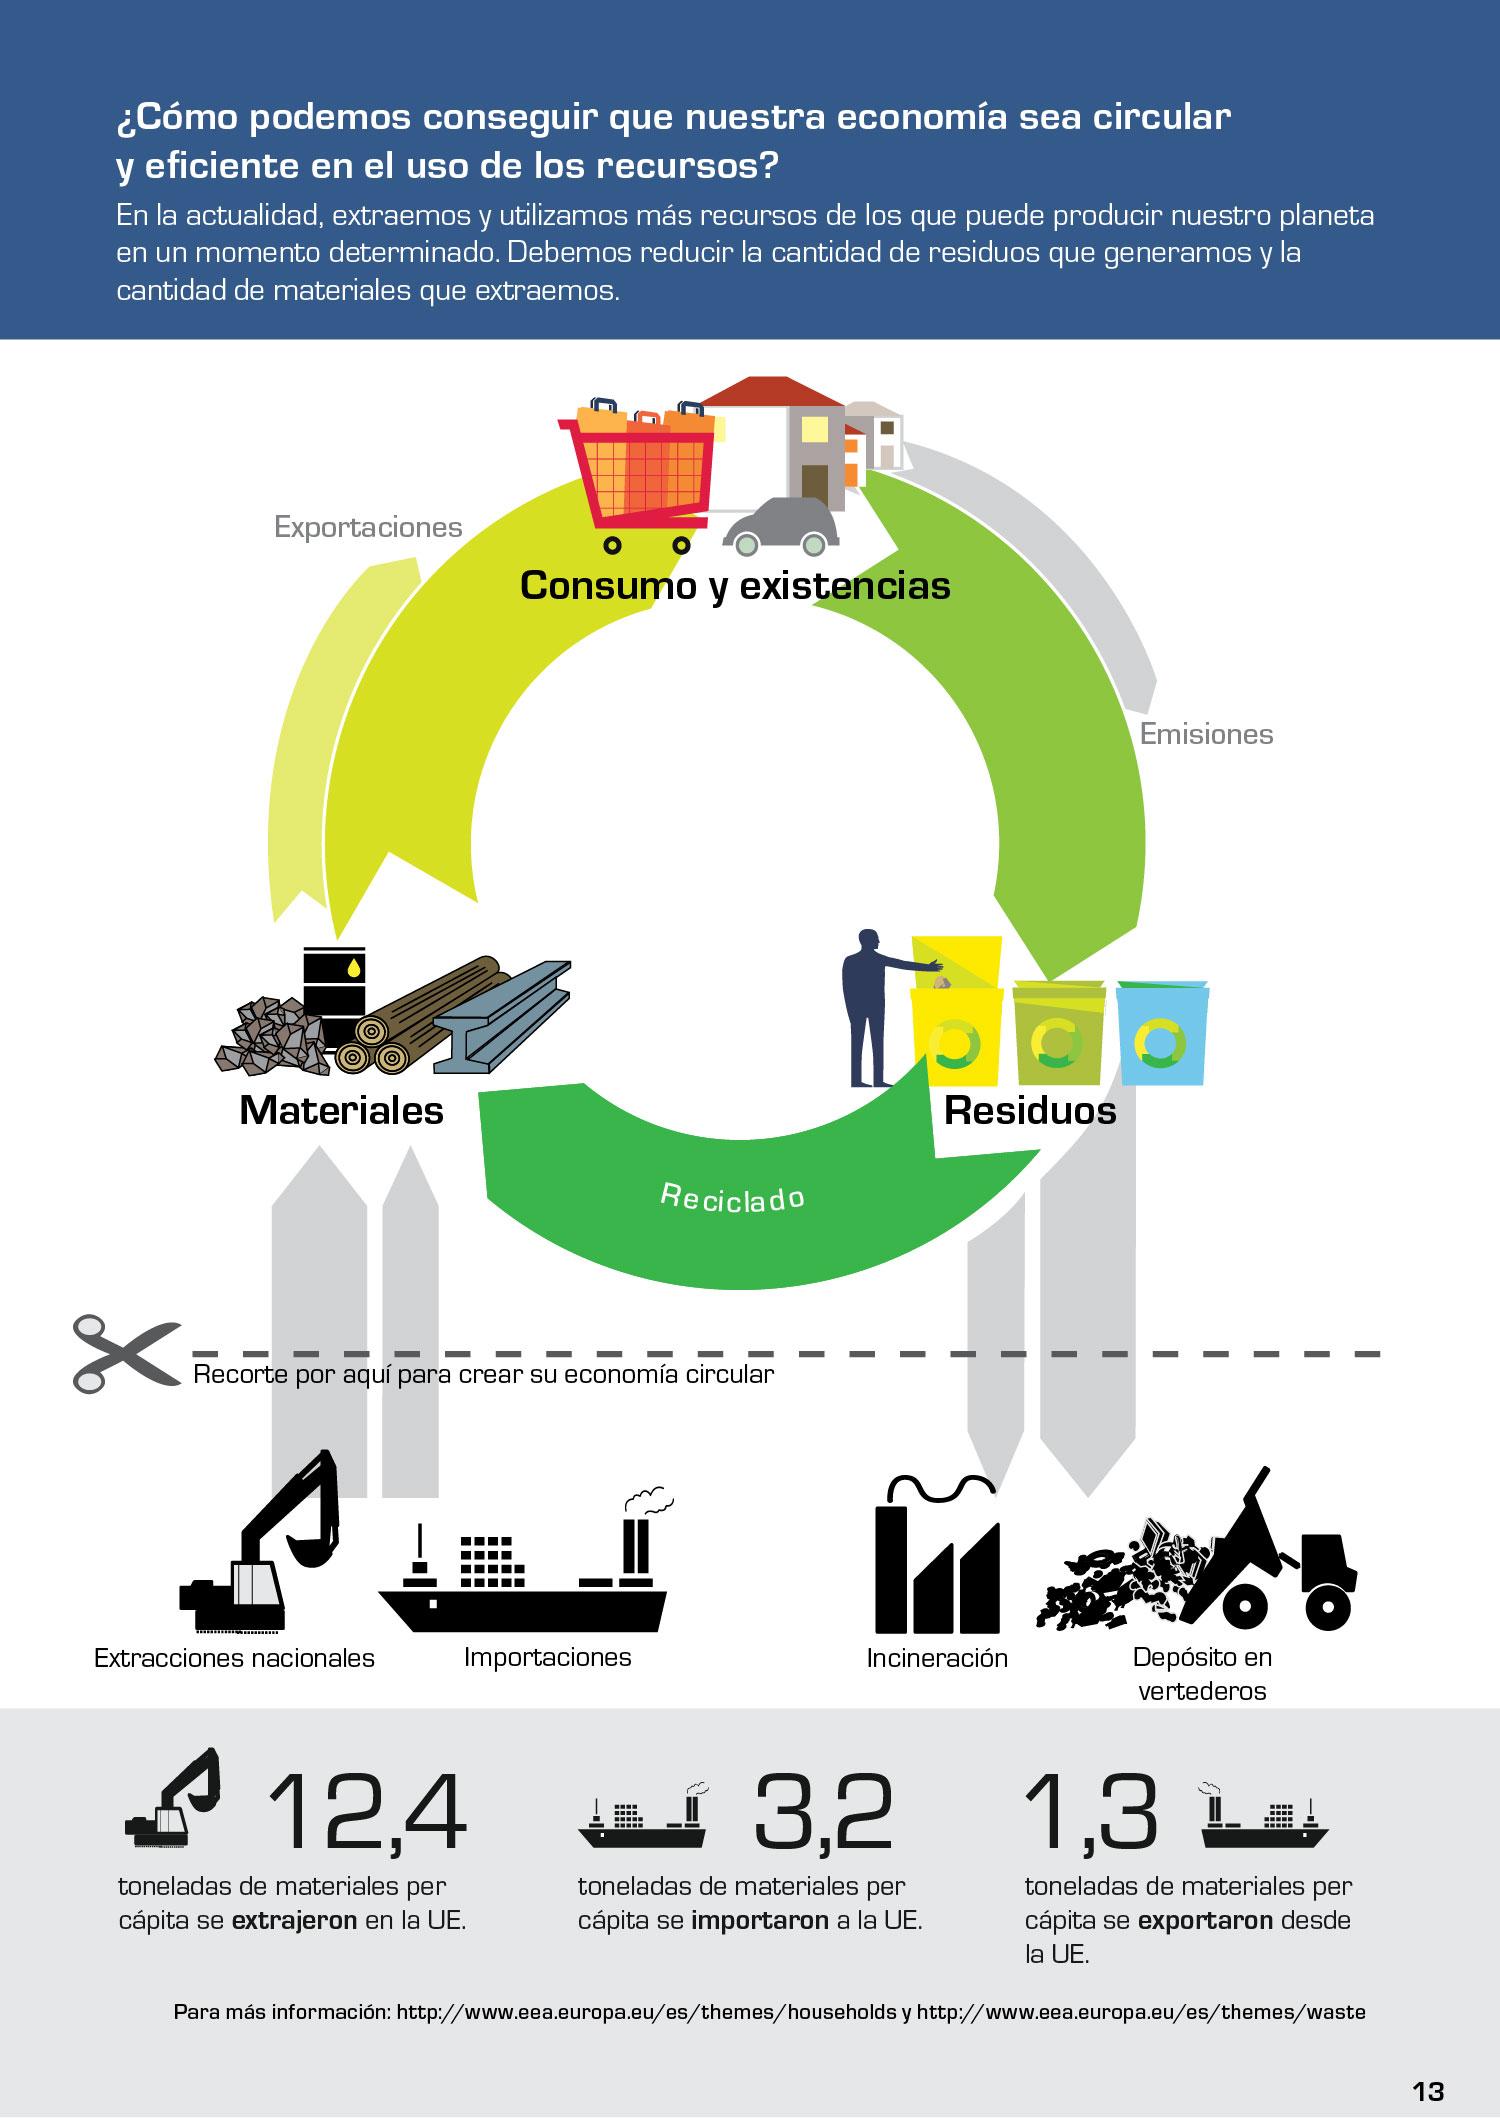 ¿Cómo podemos conseguir que nuestra economía sea circular y eficiente en el uso de los recursos?